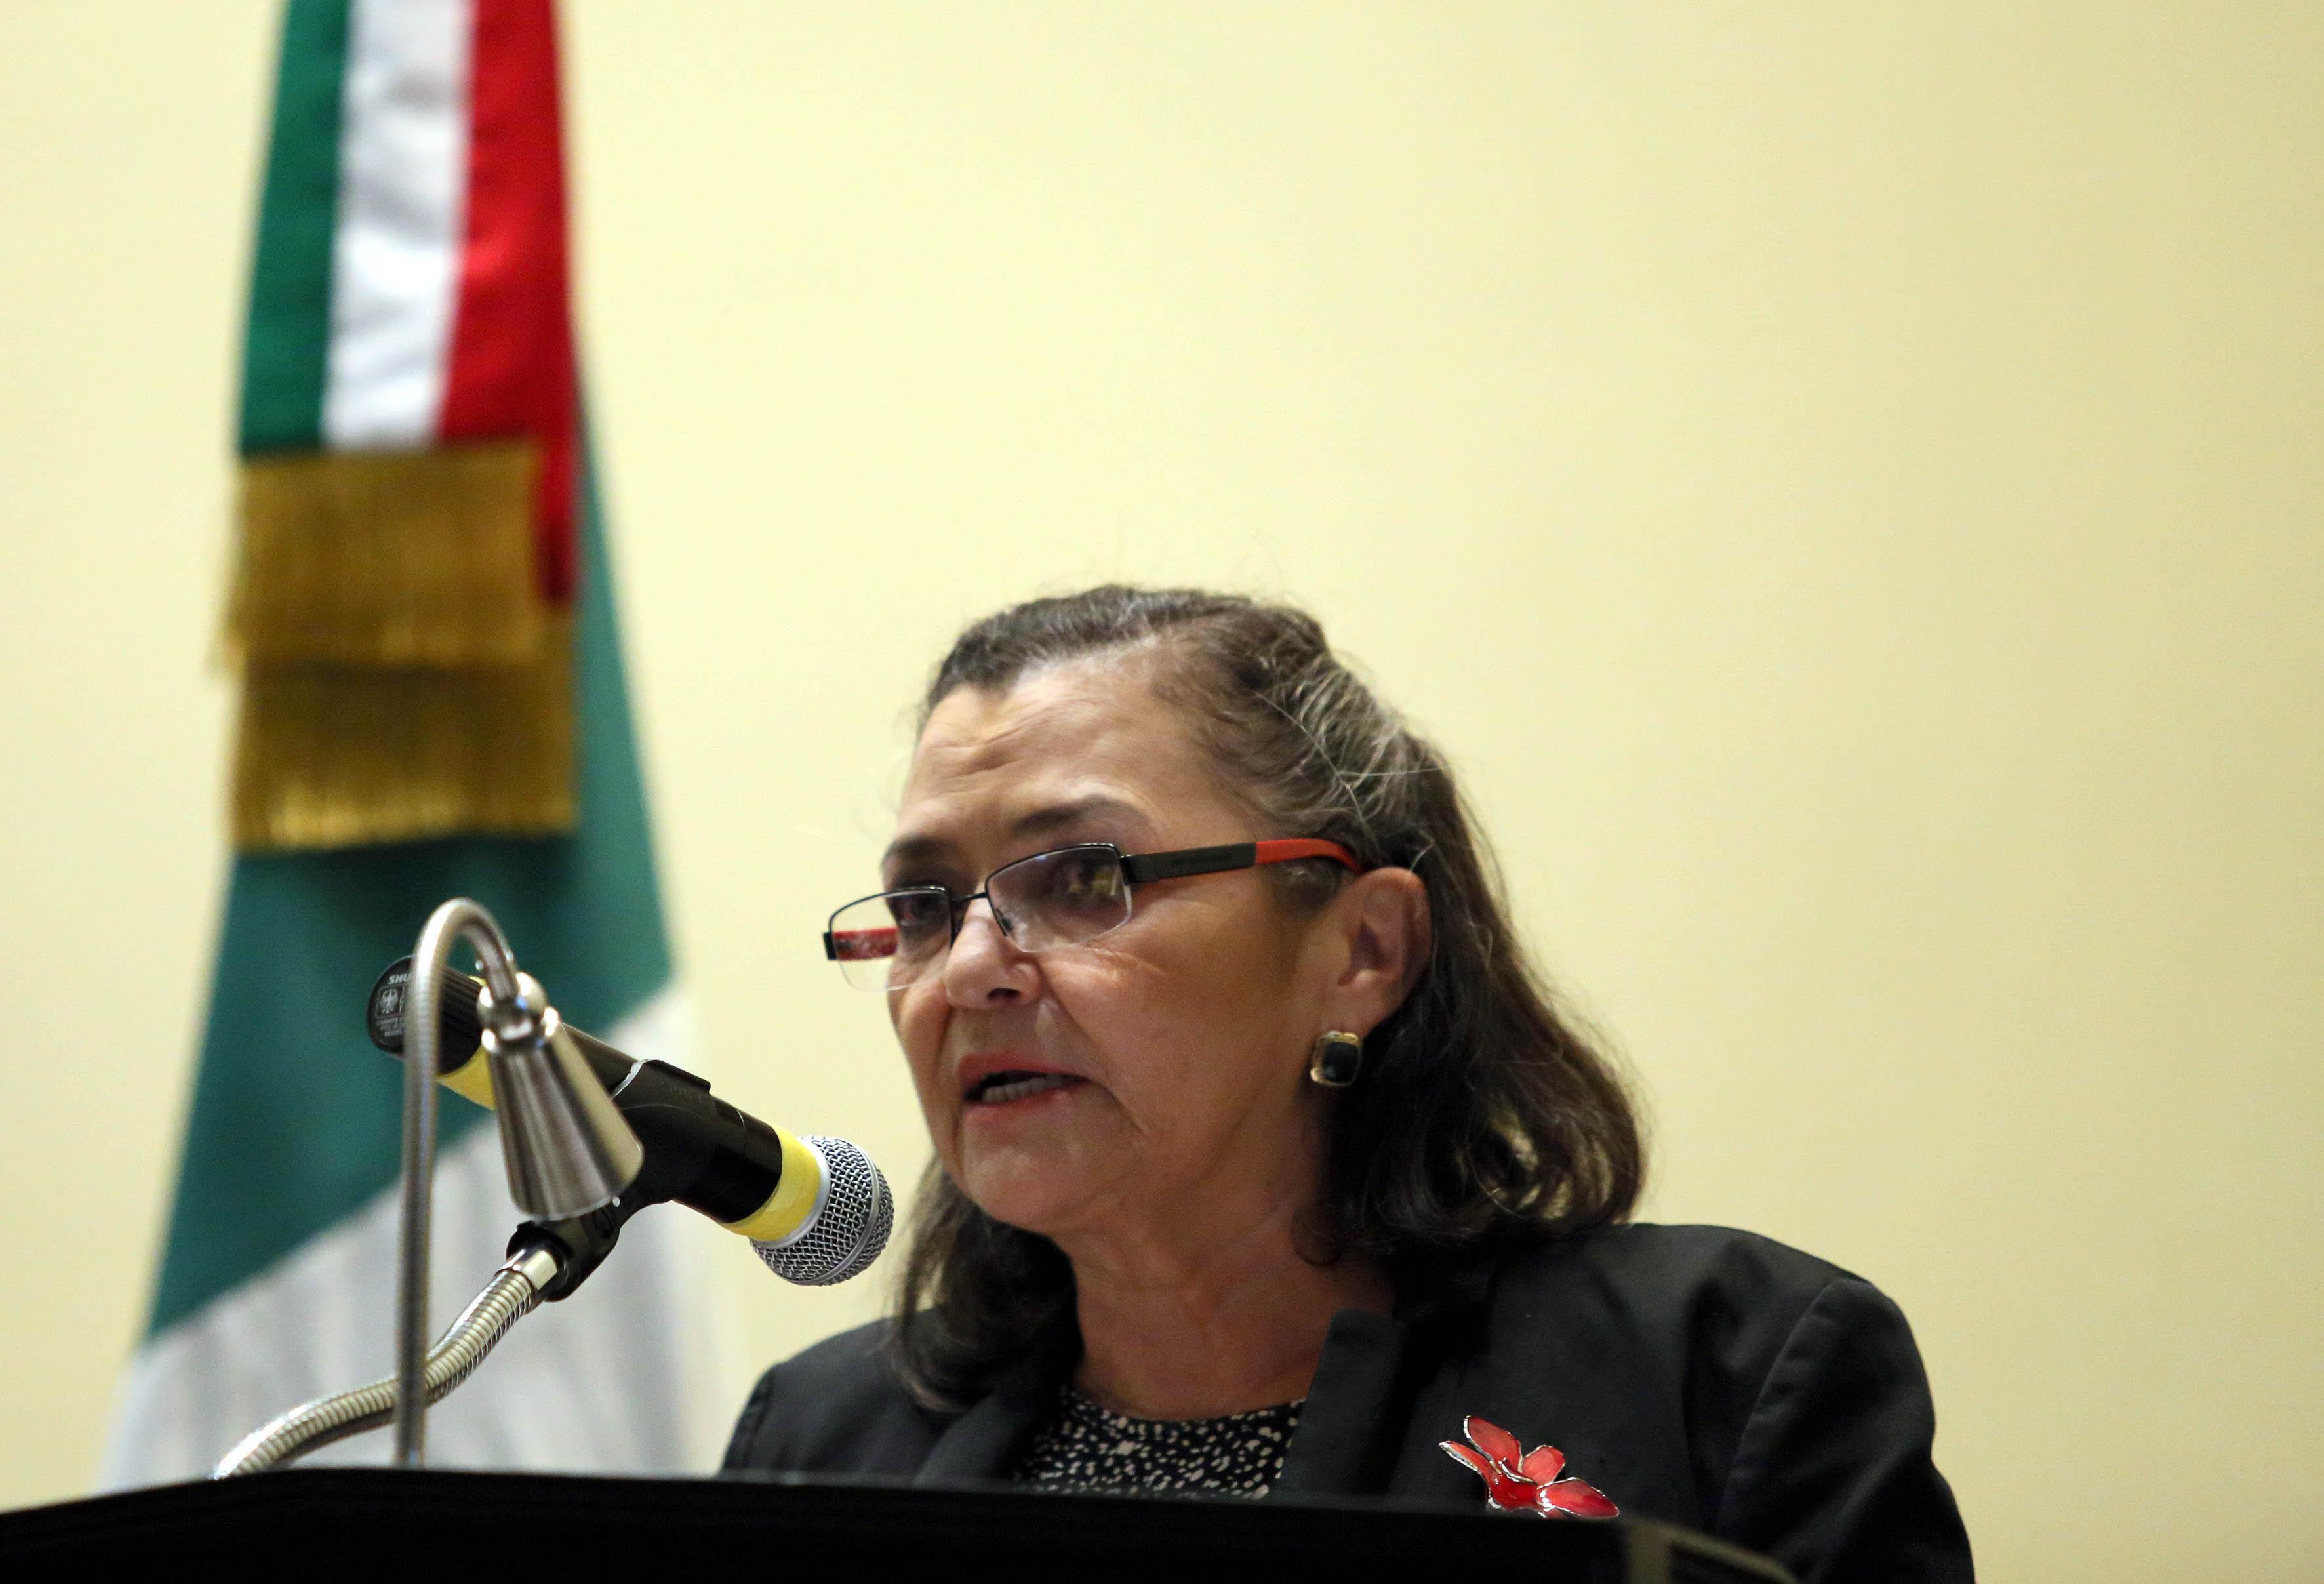 Doctora Ruth Padilla Muñoz, primera mujer rectora del CUCEI